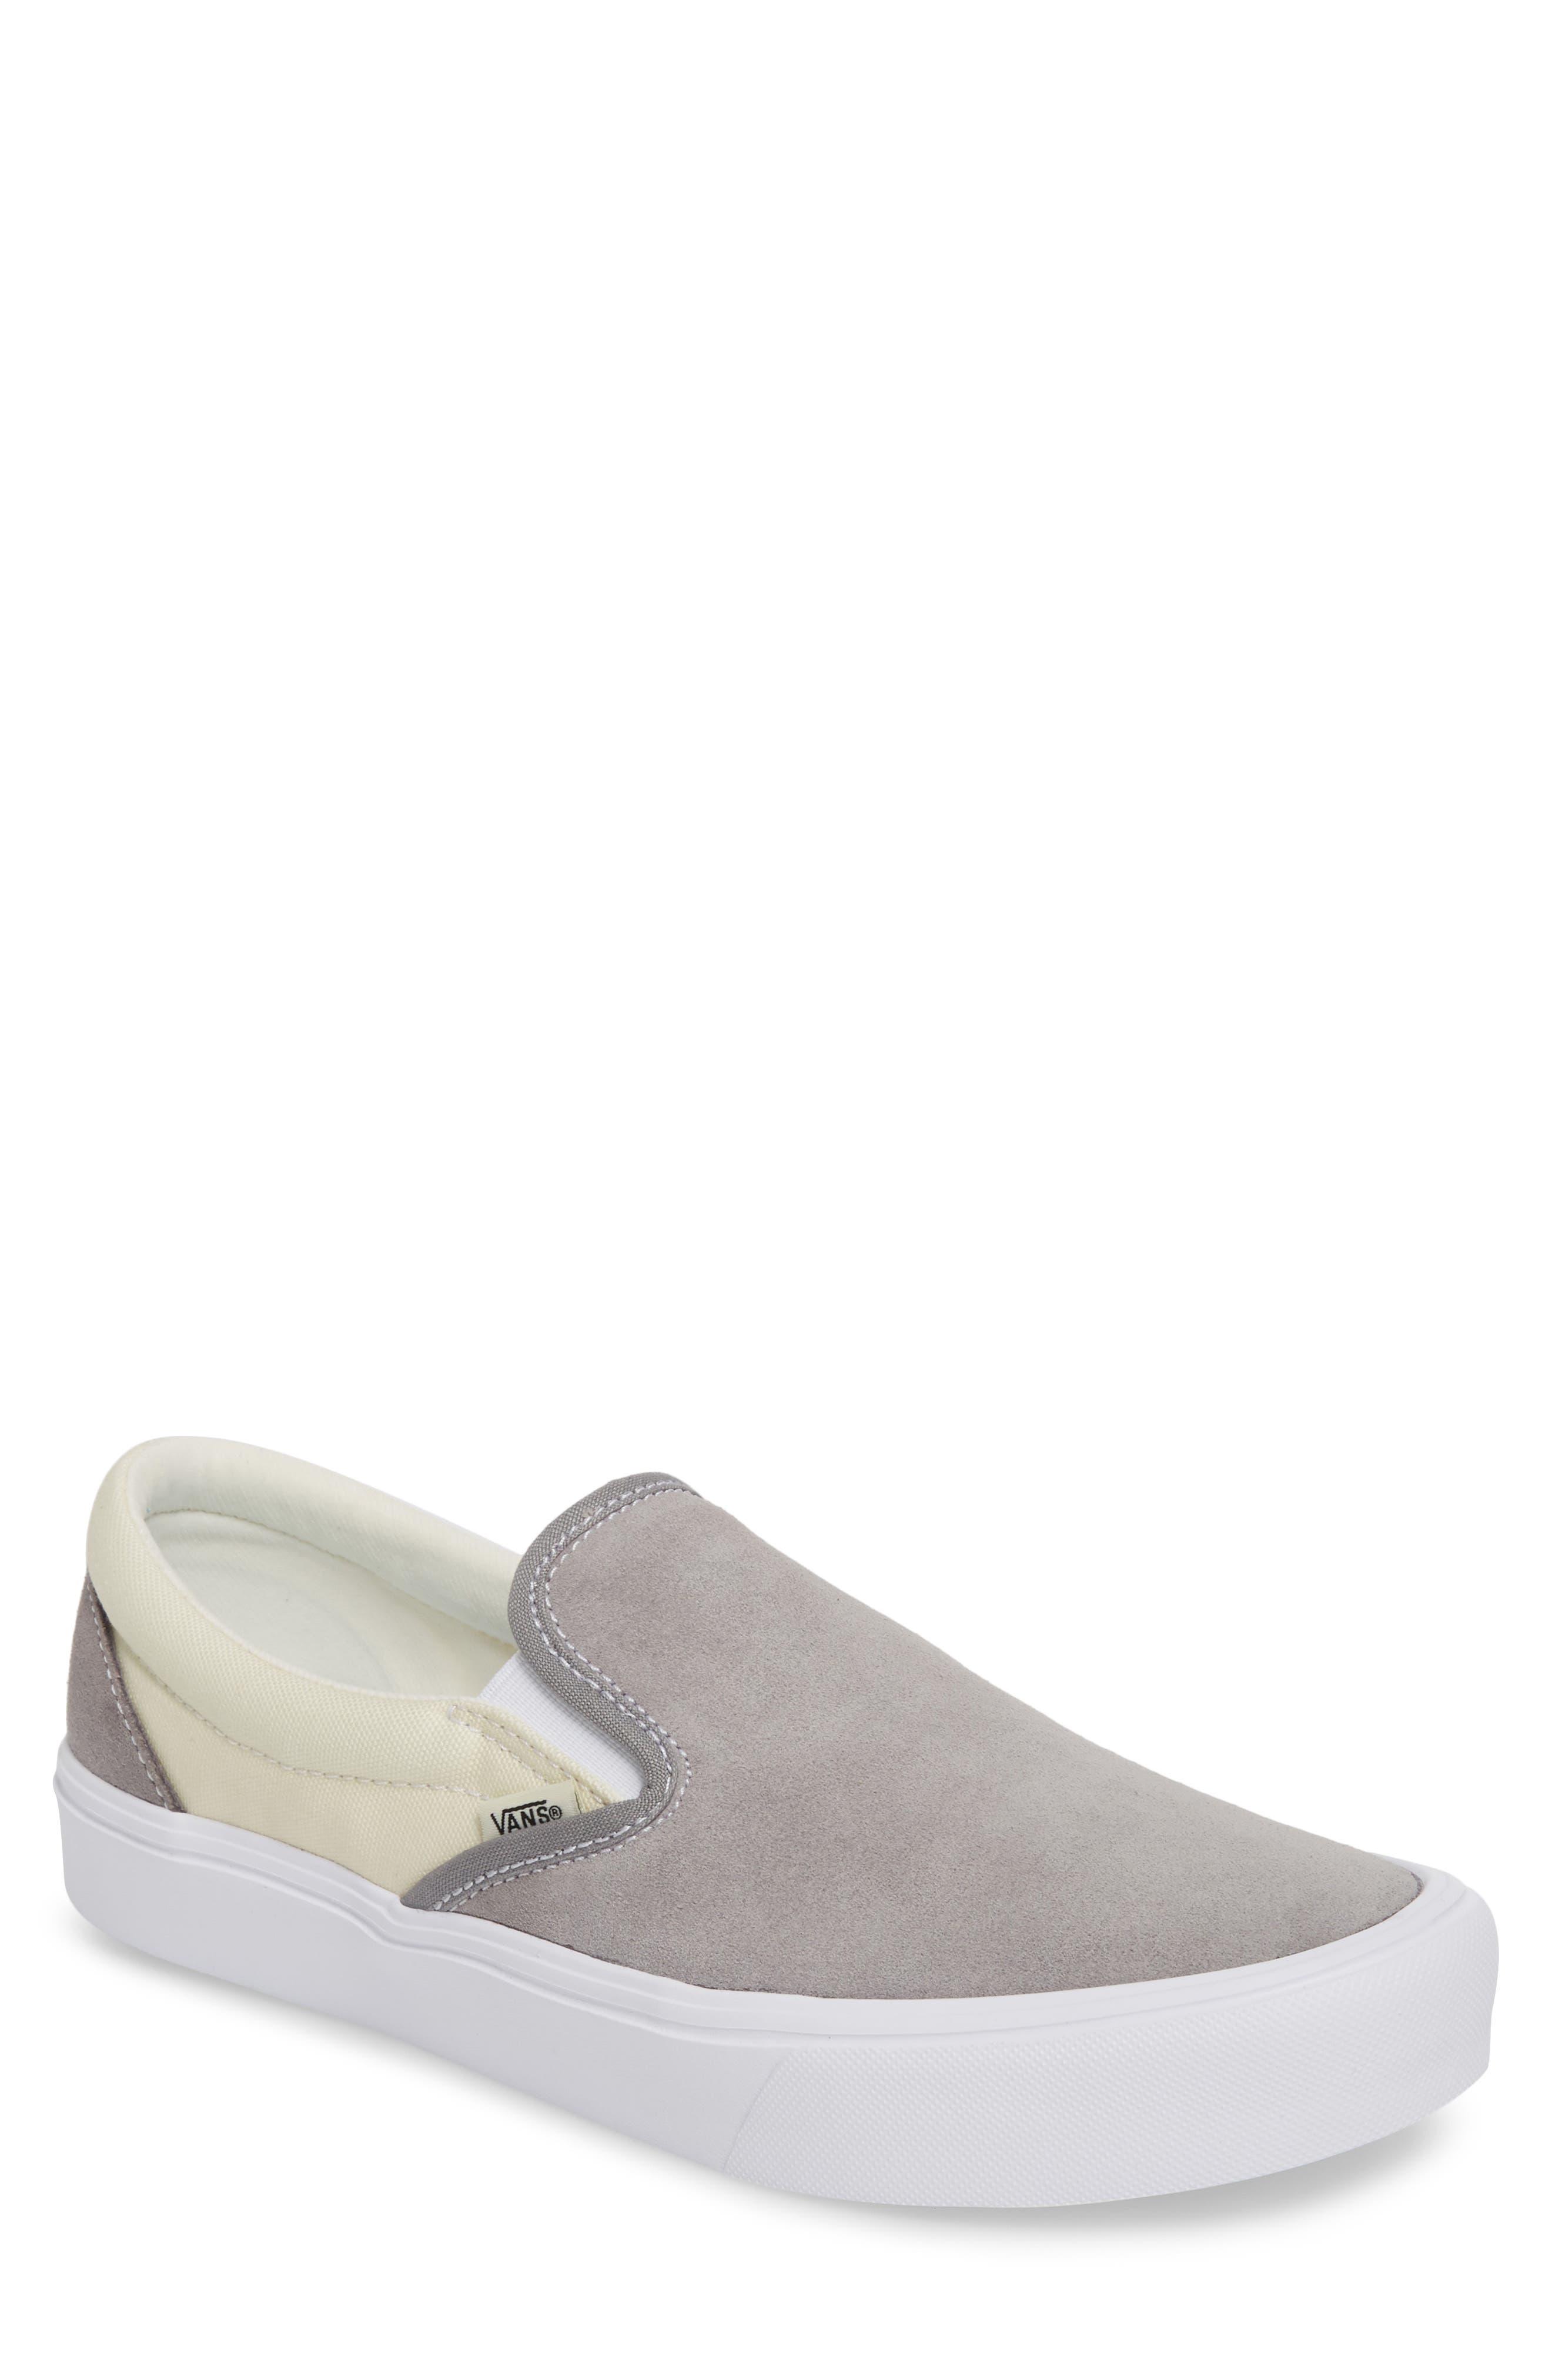 Lite Slip-On Sneaker,                         Main,                         color,